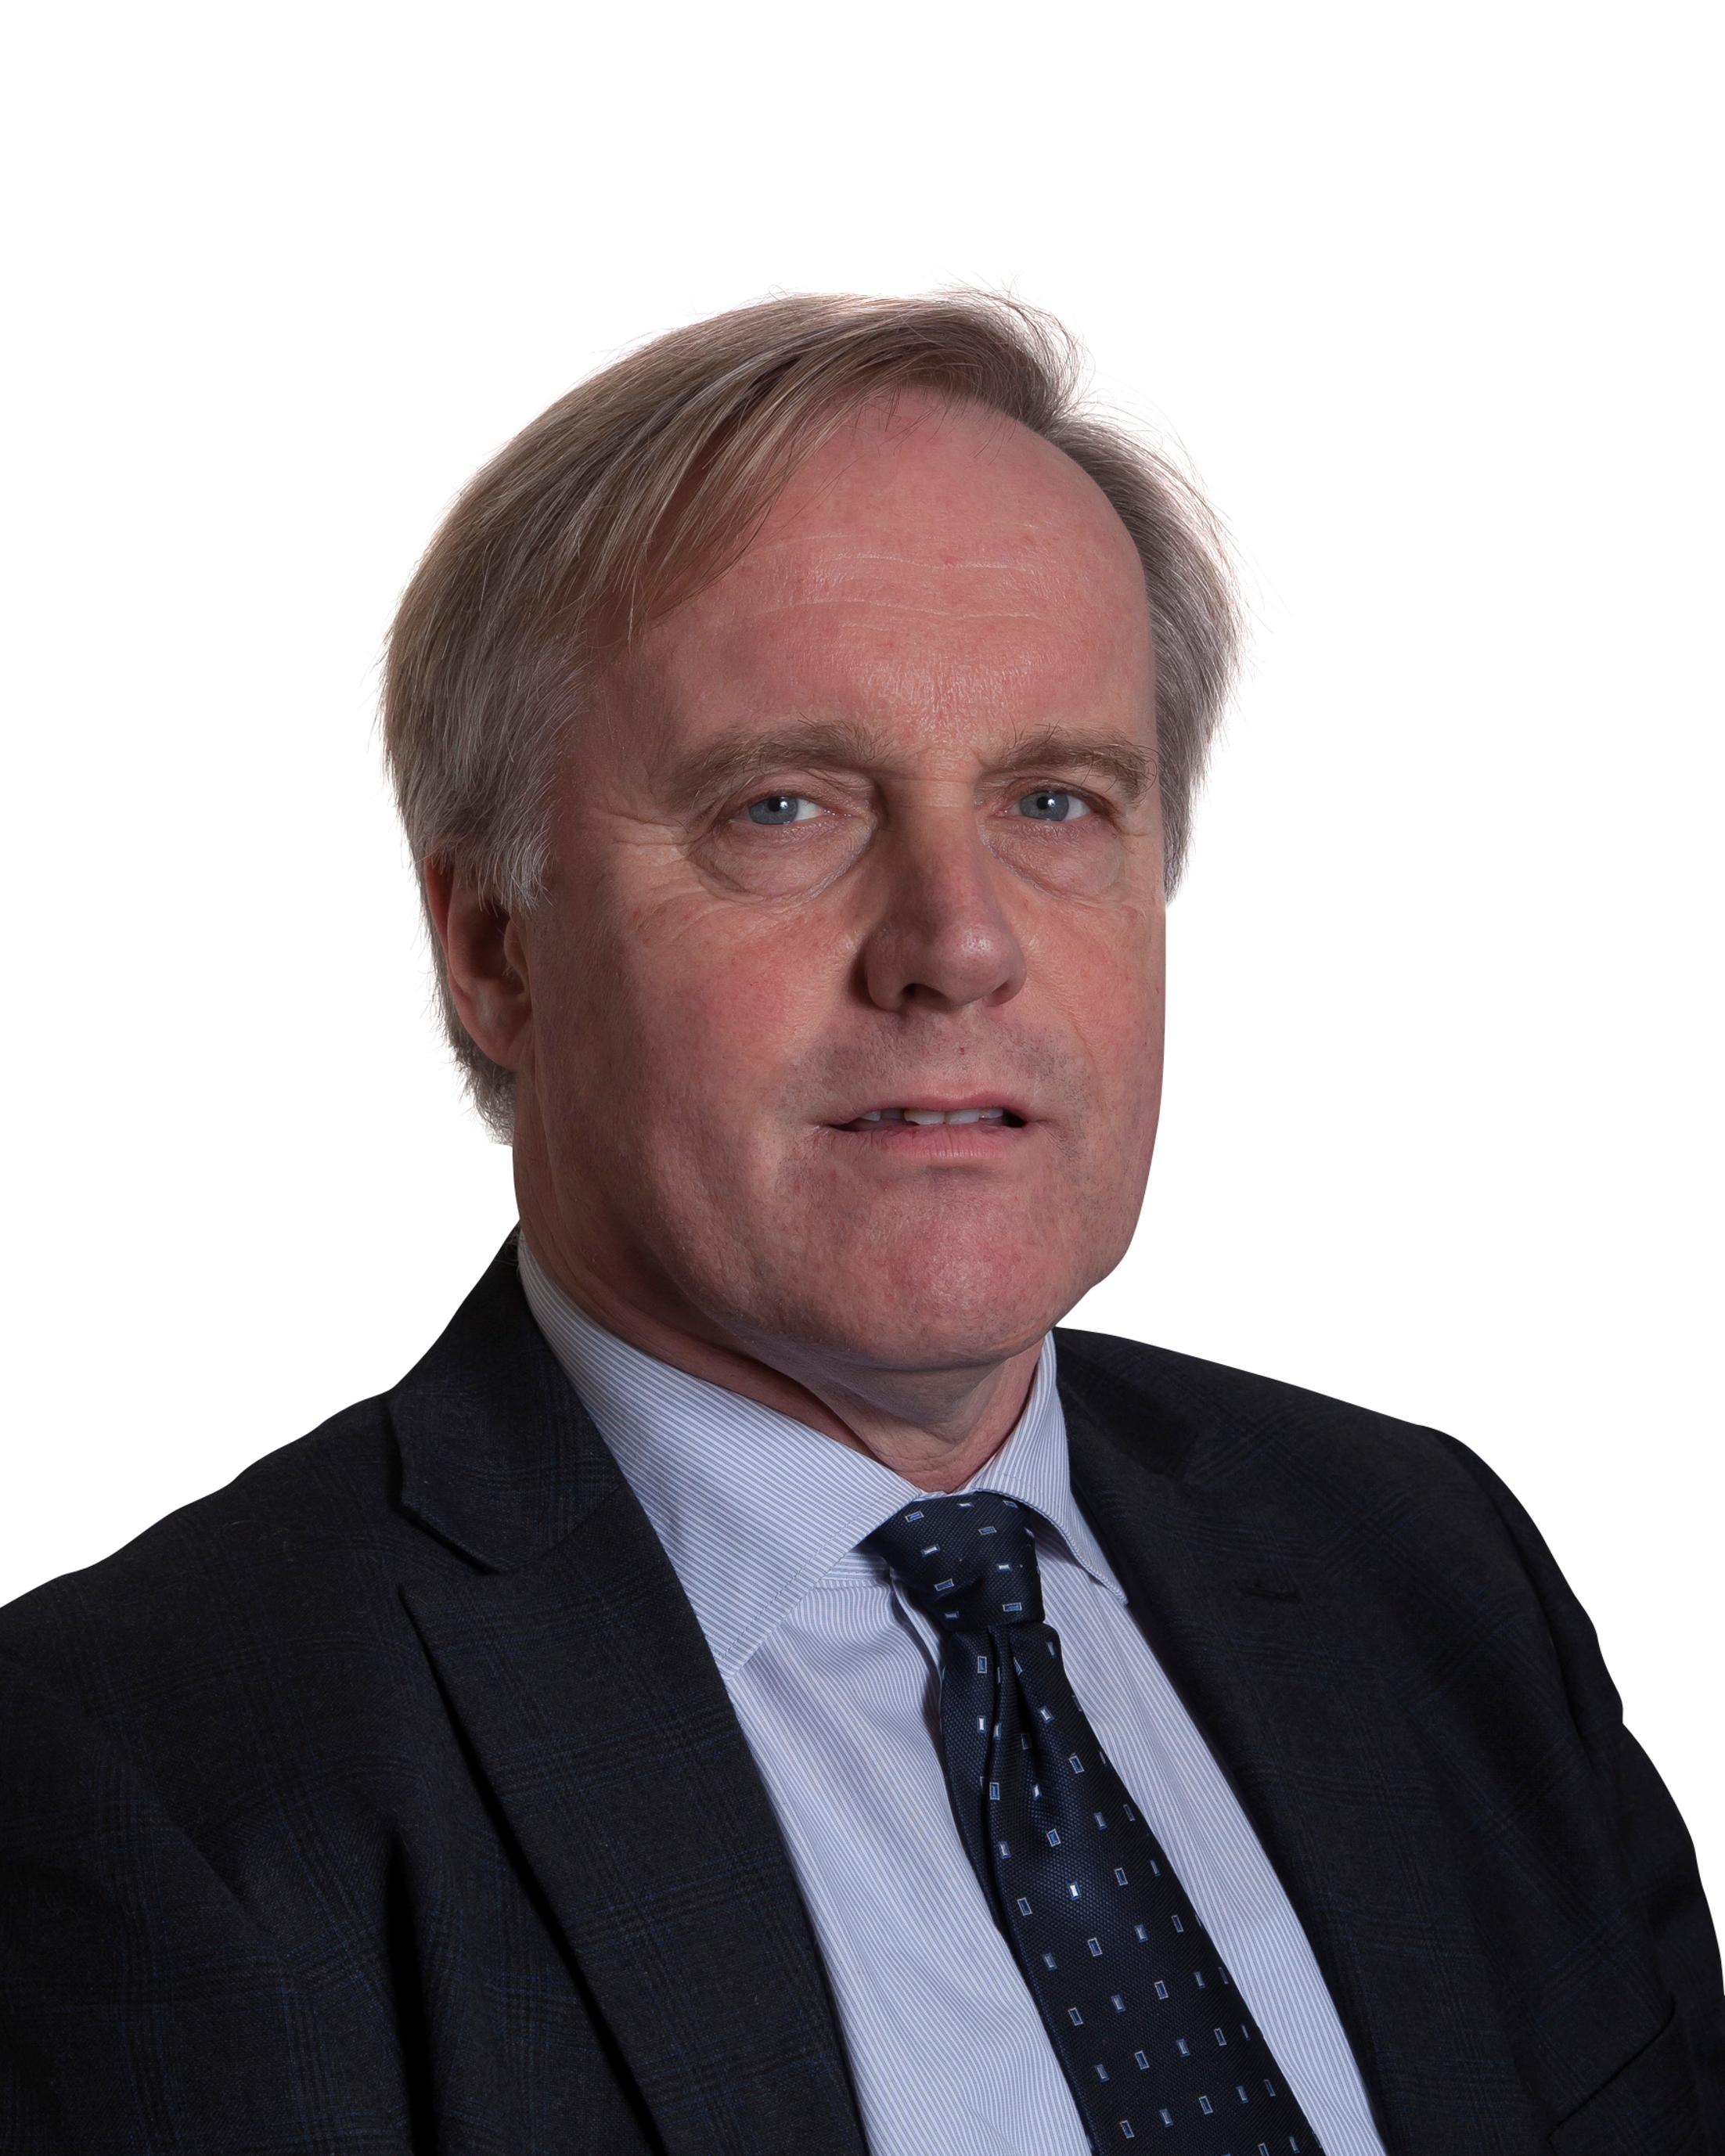 Wim van der Hoeven